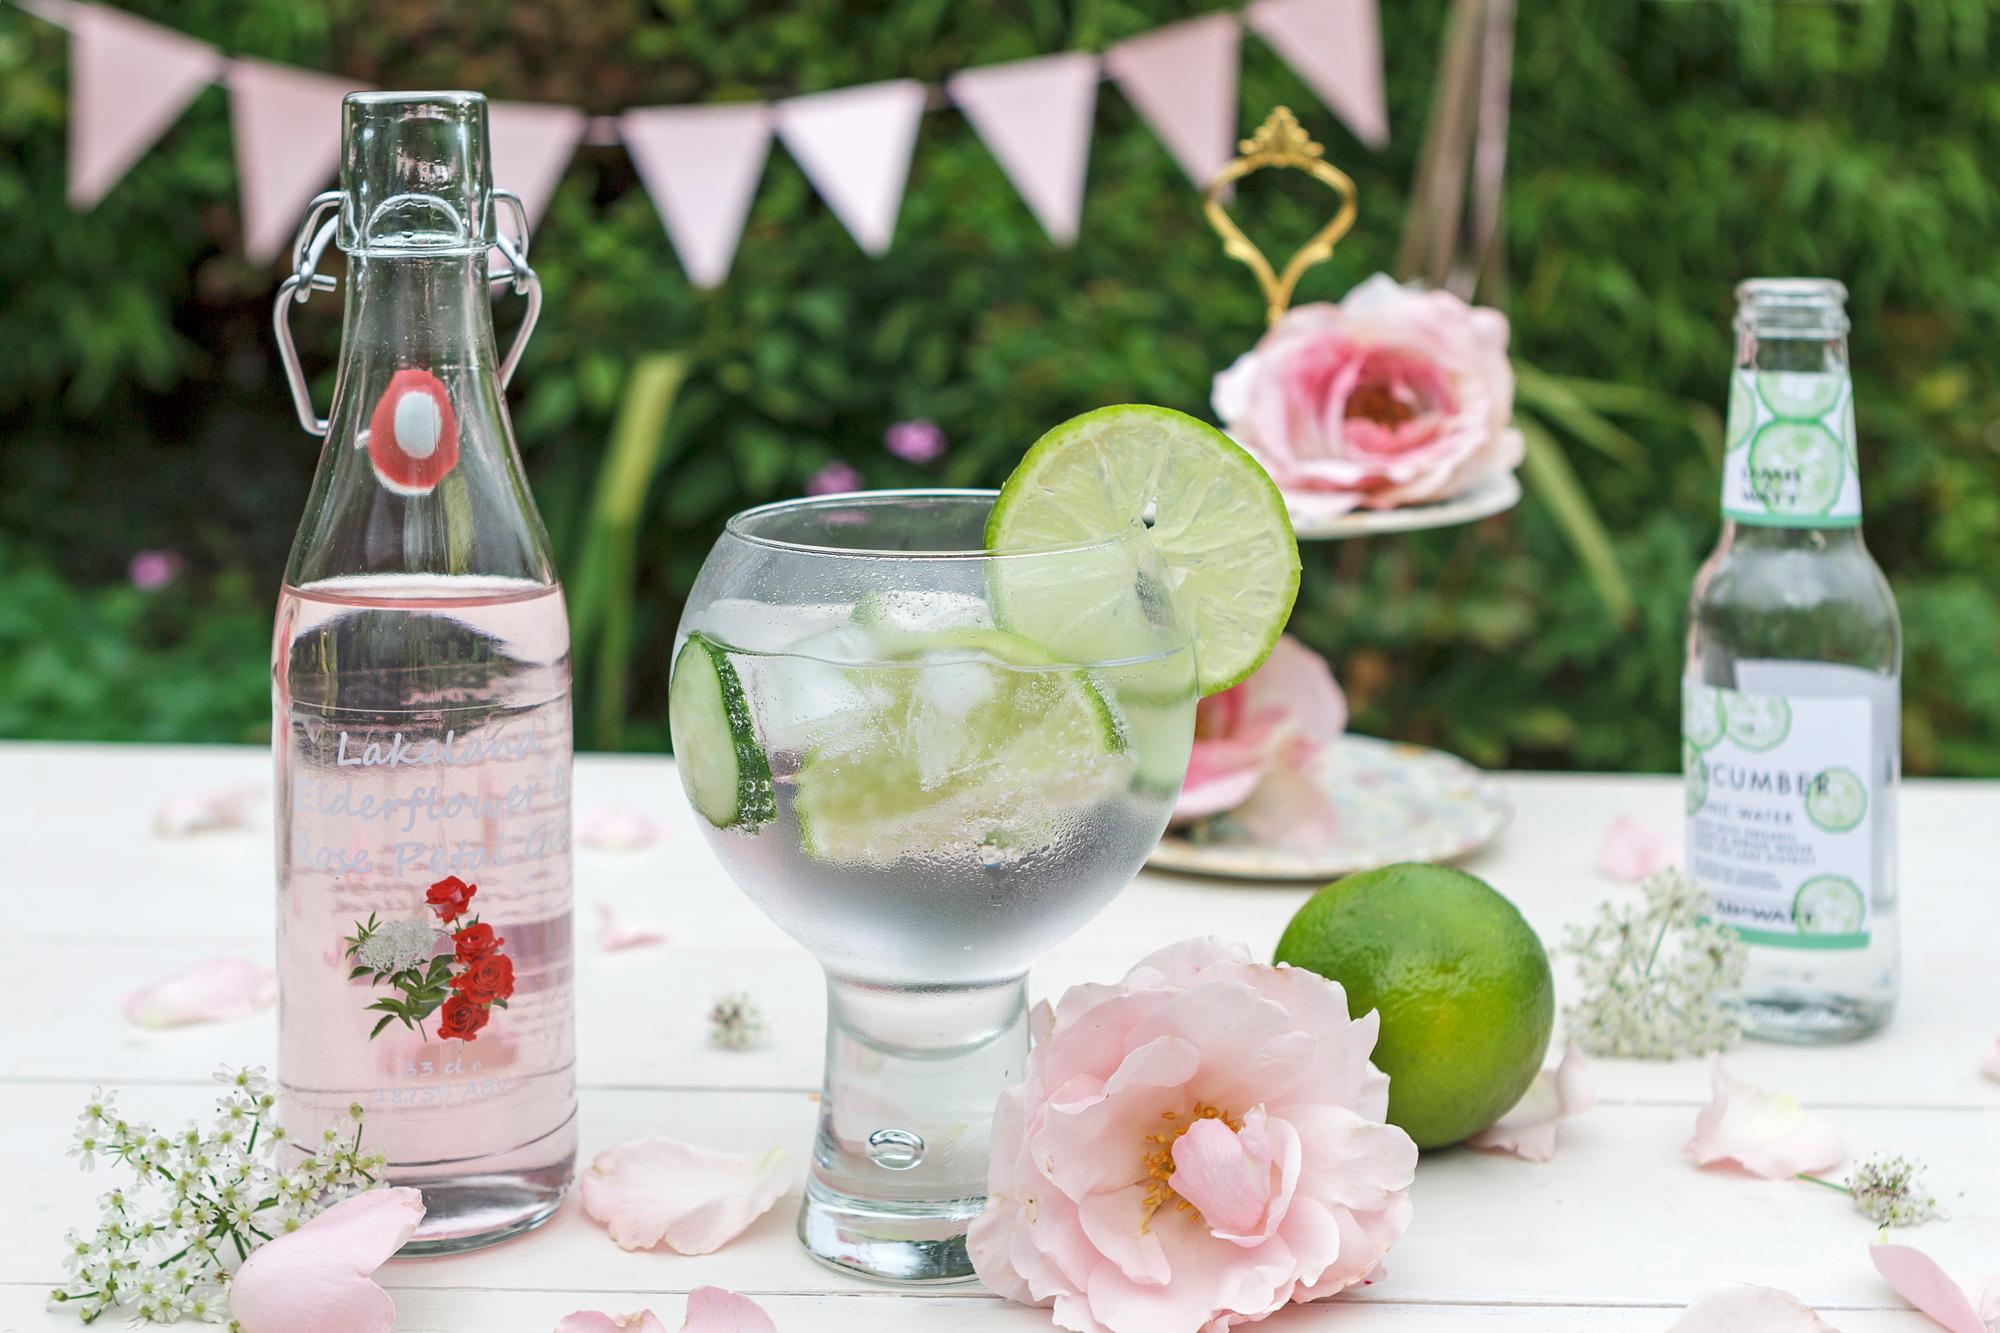 Lakeland Artisanal Gin